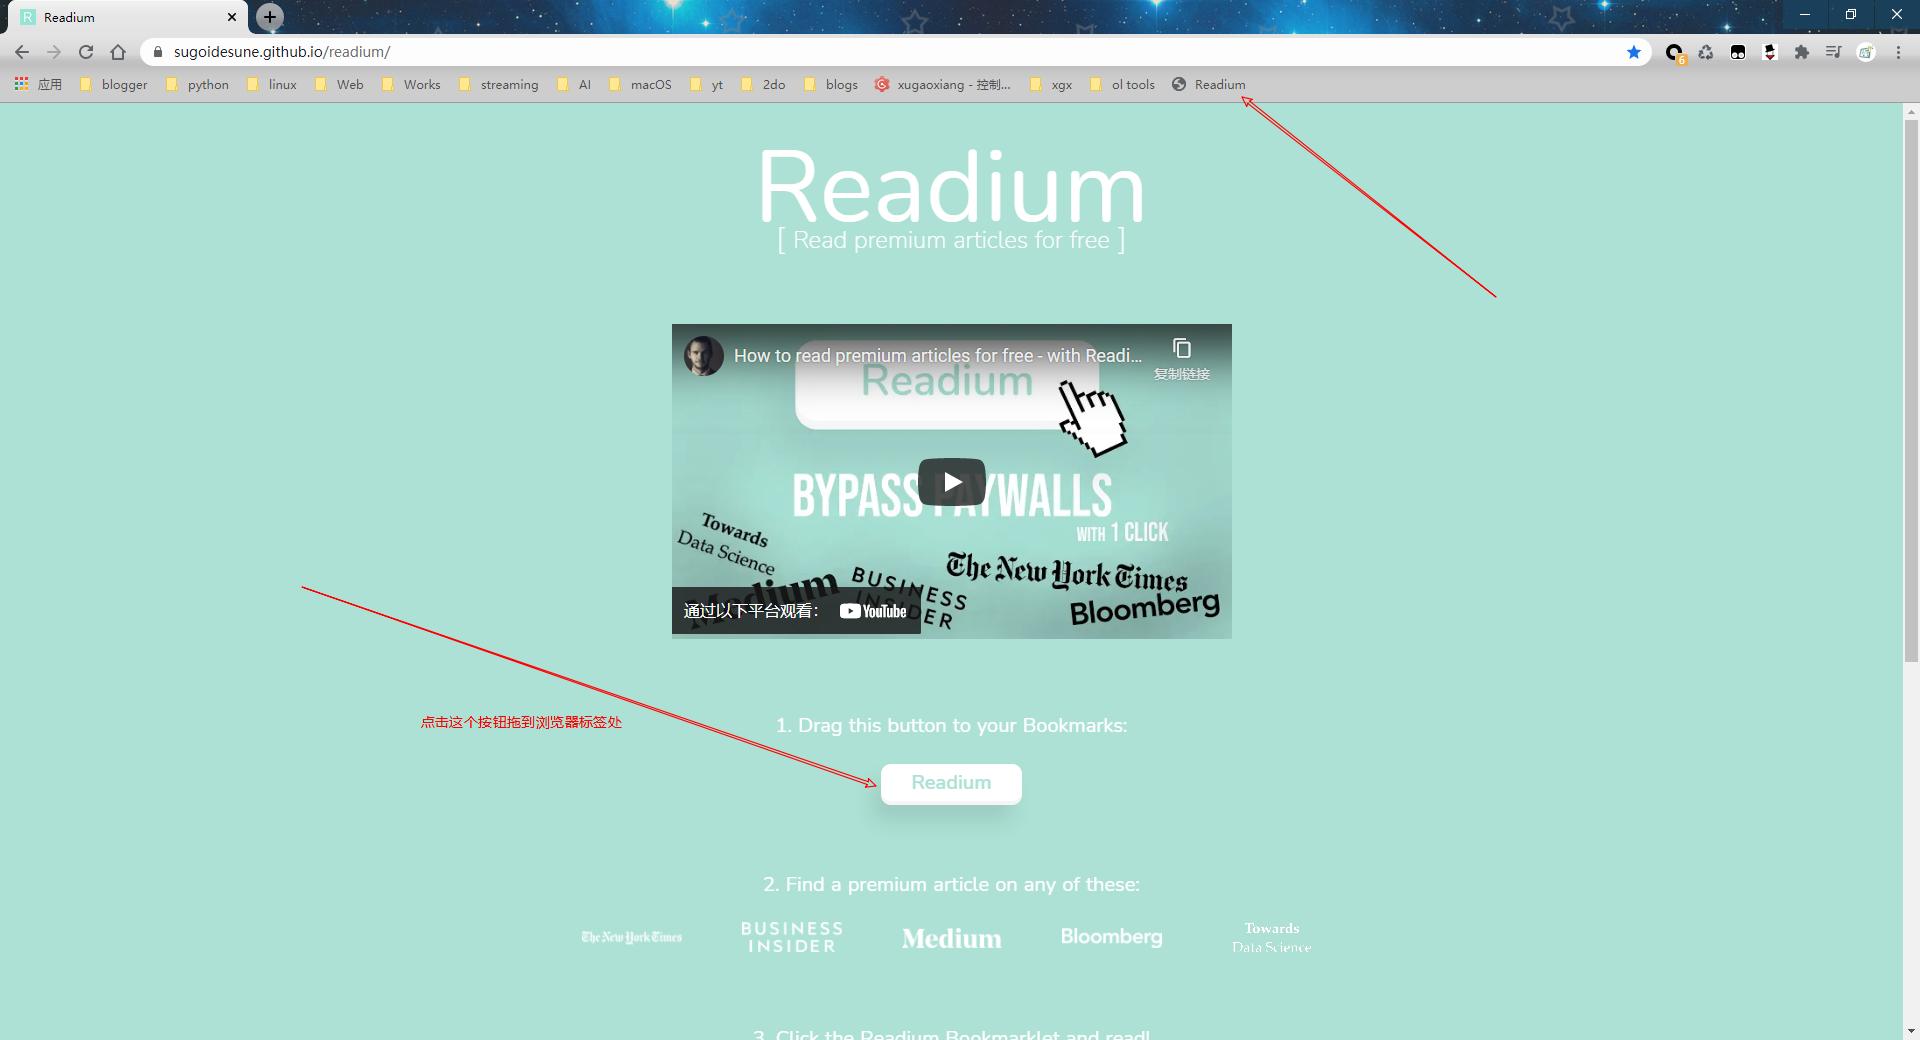 readium